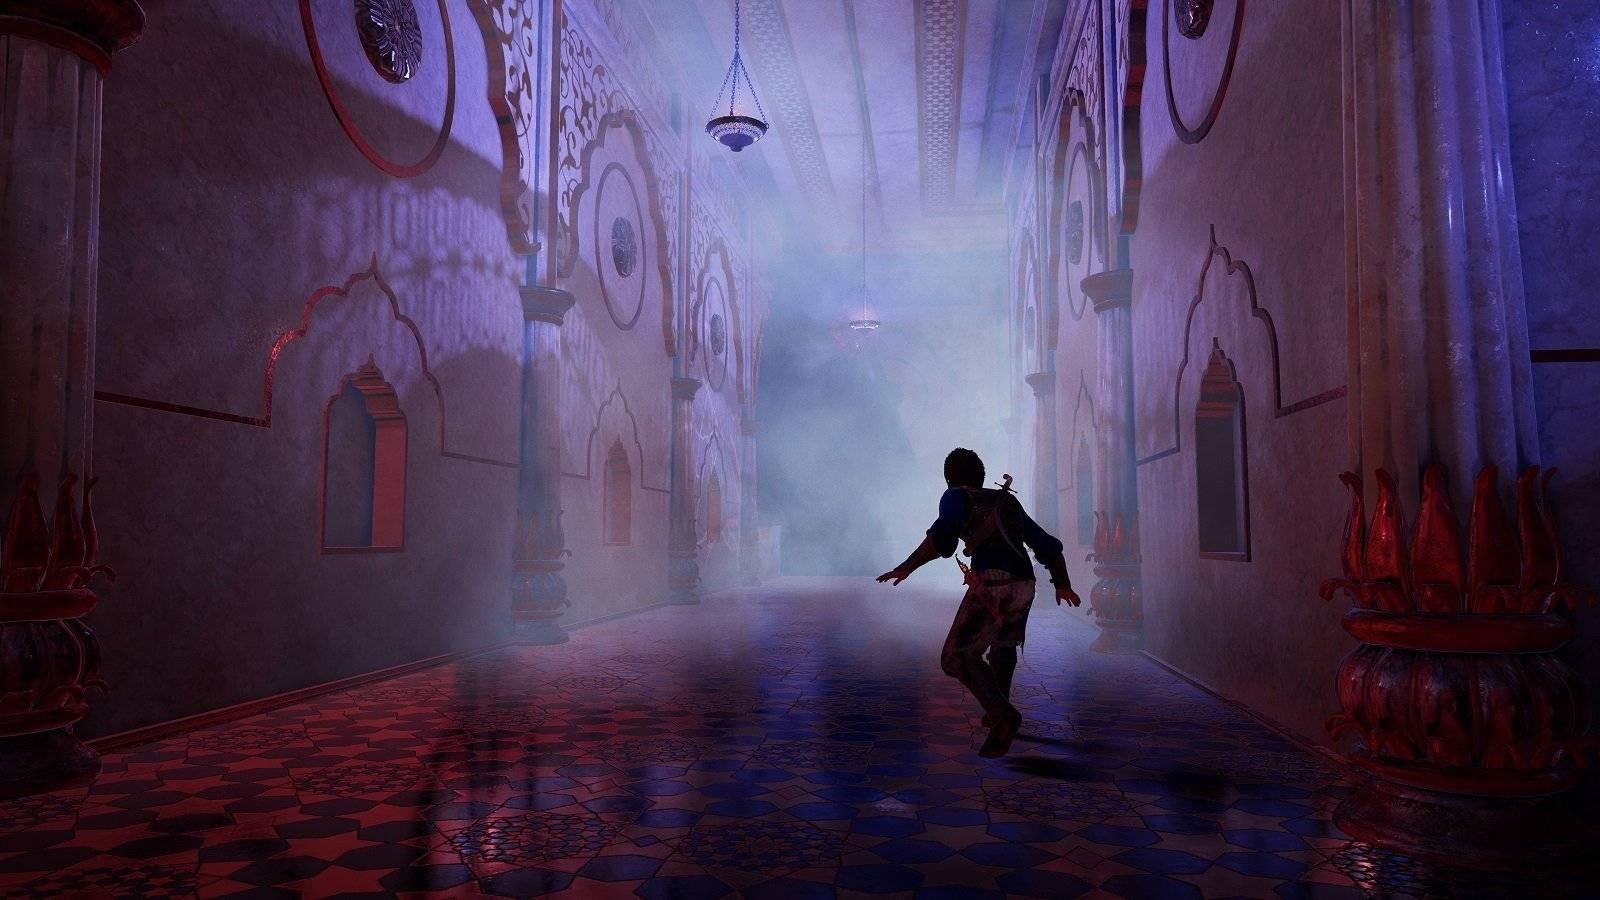 Ремейк Prince of Persia: The Sands of Time выйдет в 2022 году